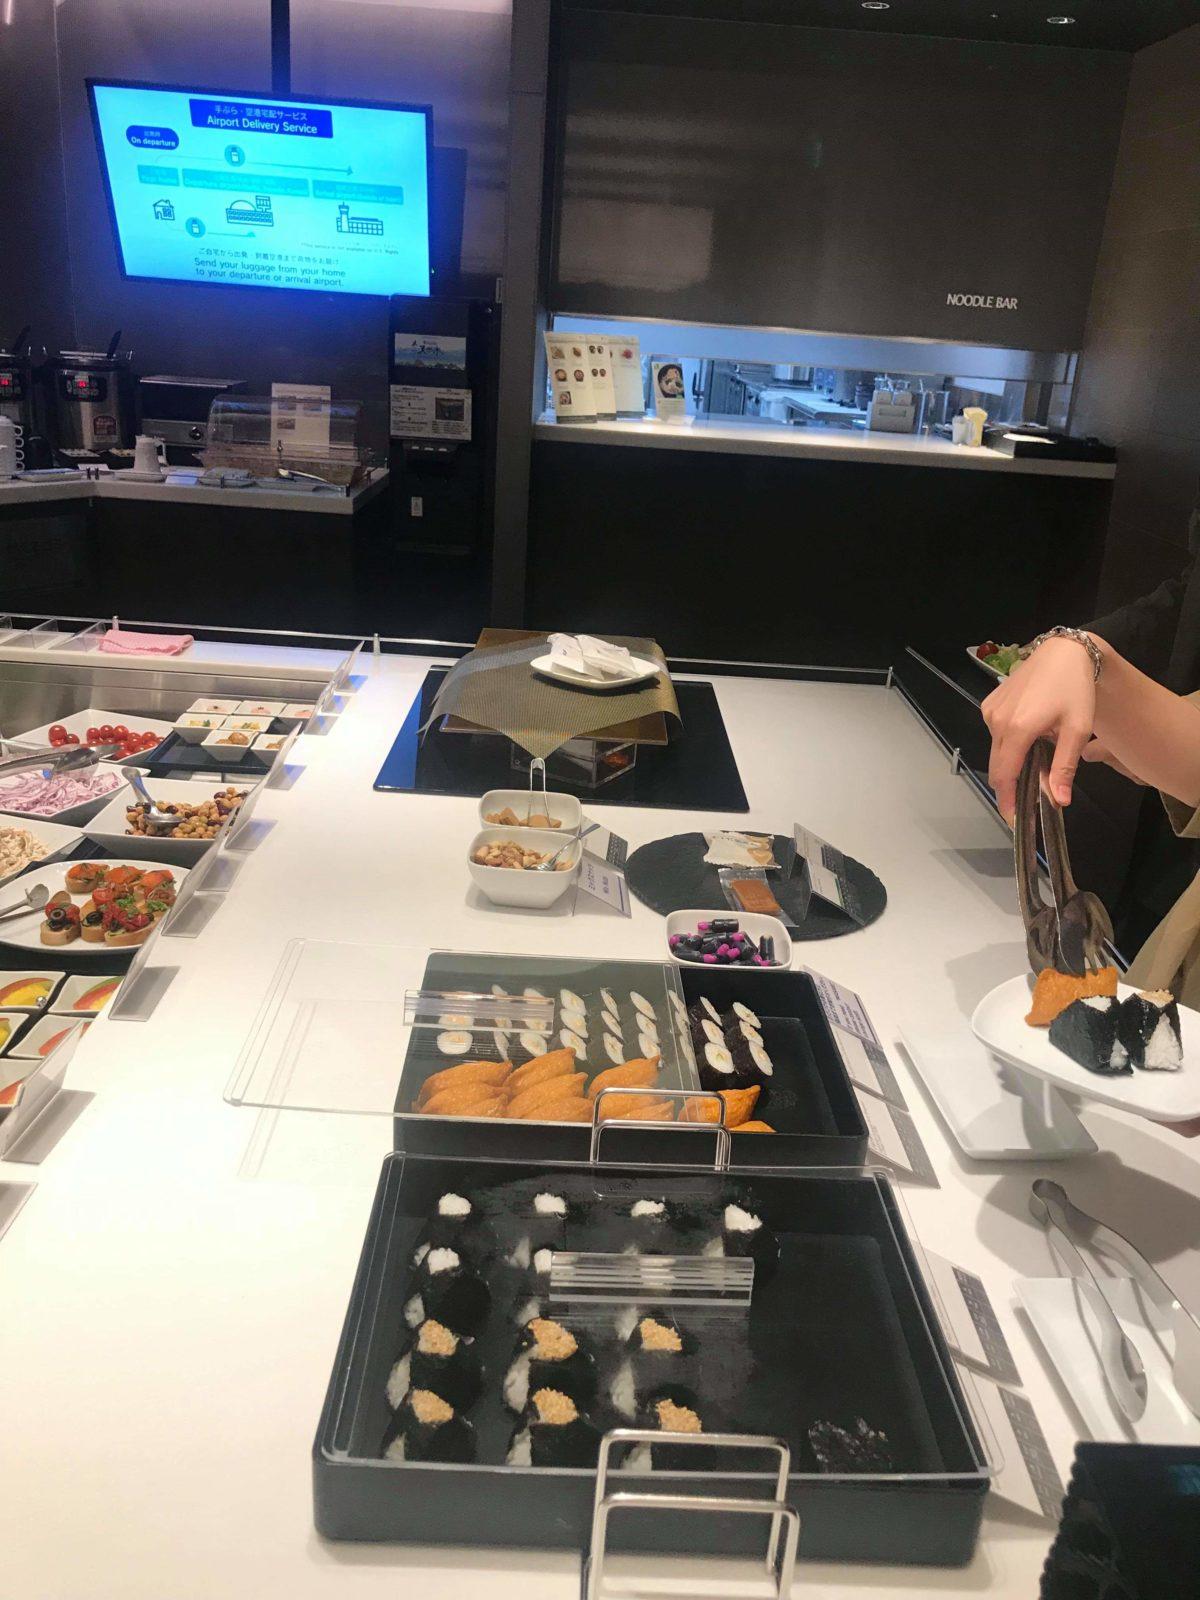 ana羽田のスィートラウンジ「Dining h」